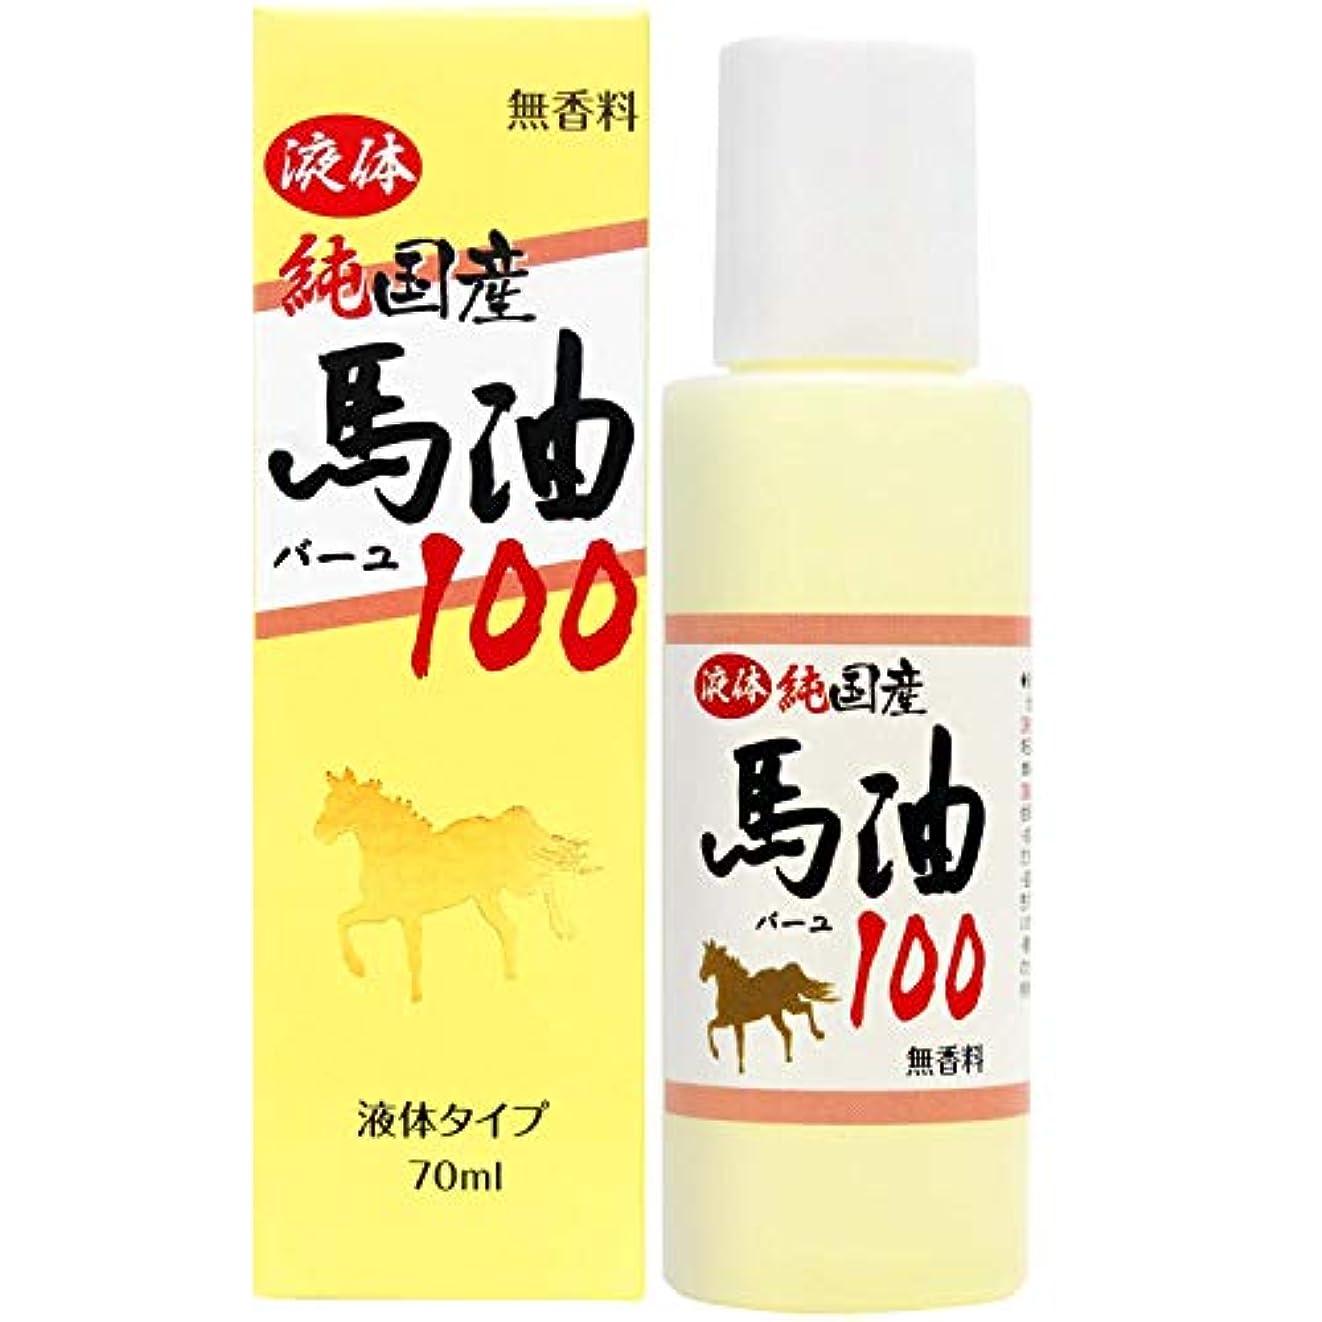 配列バンガロー推定ユウキ製薬 液体純国産馬油100 70ml